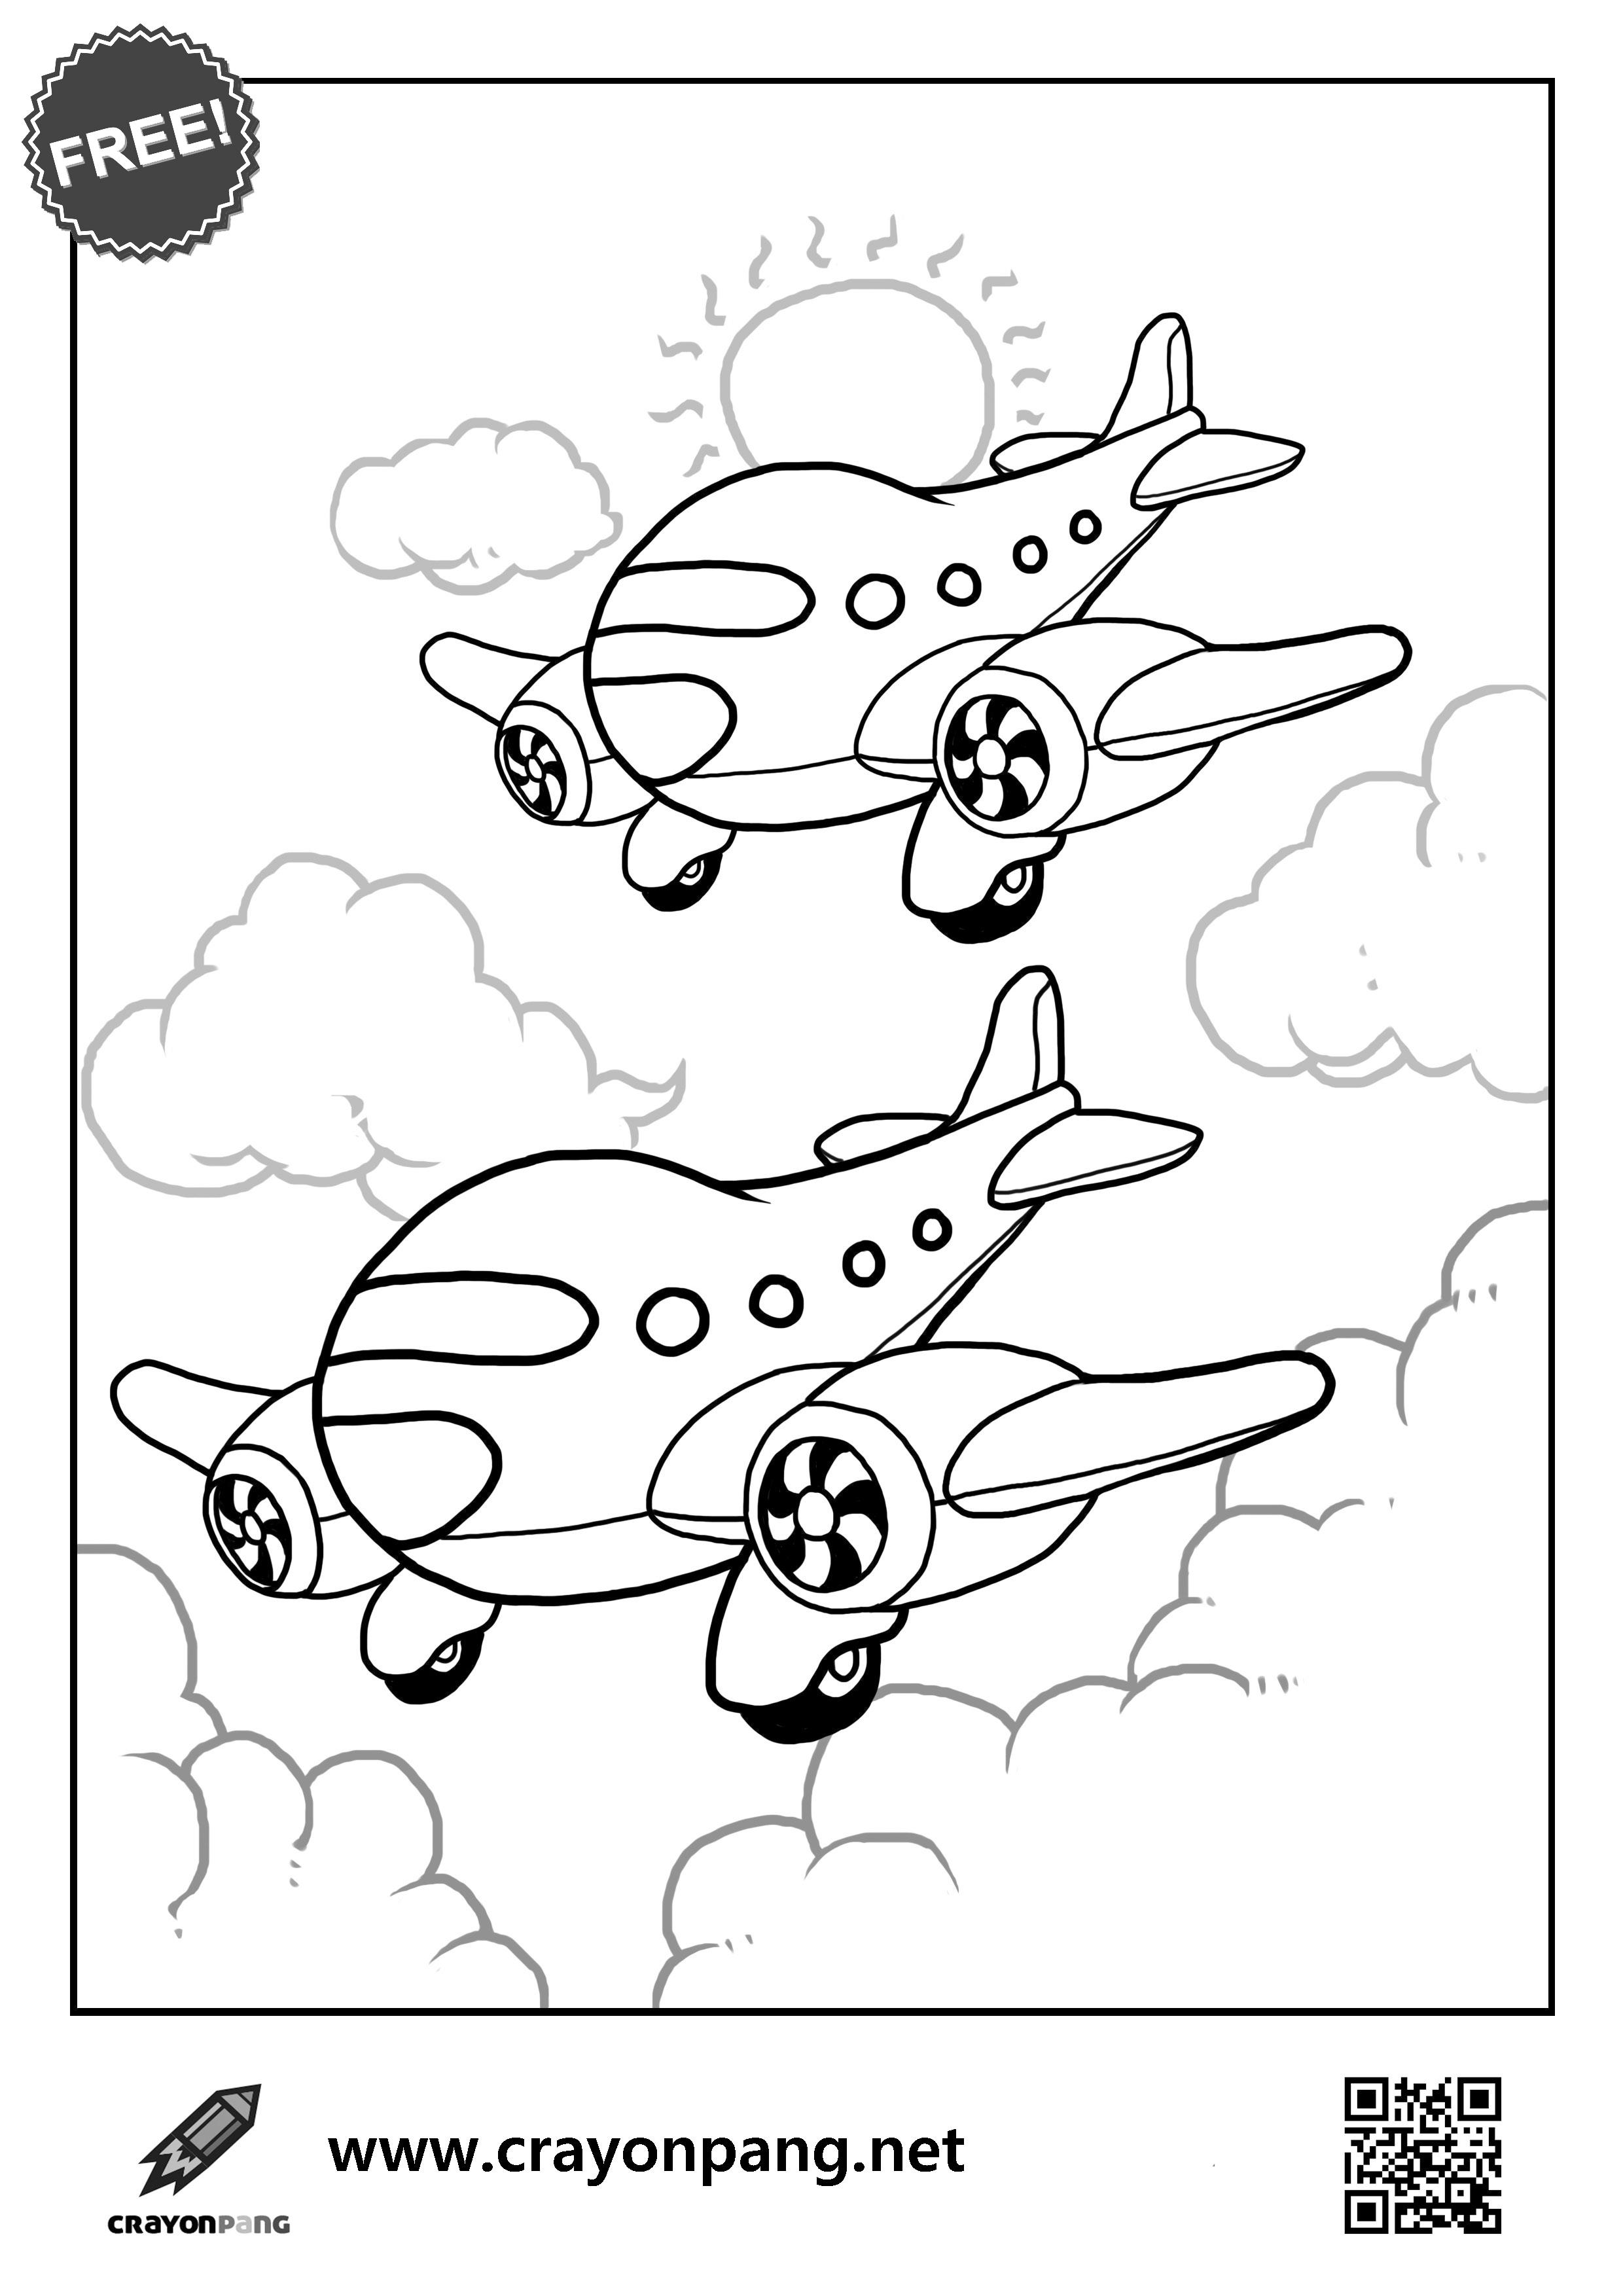 _è·Ö≥_Ö·Ö¶_ã·Ö≠_º·Ñë_°·Üº_é·Öµ_´·___06_Flying_DreamAirplane